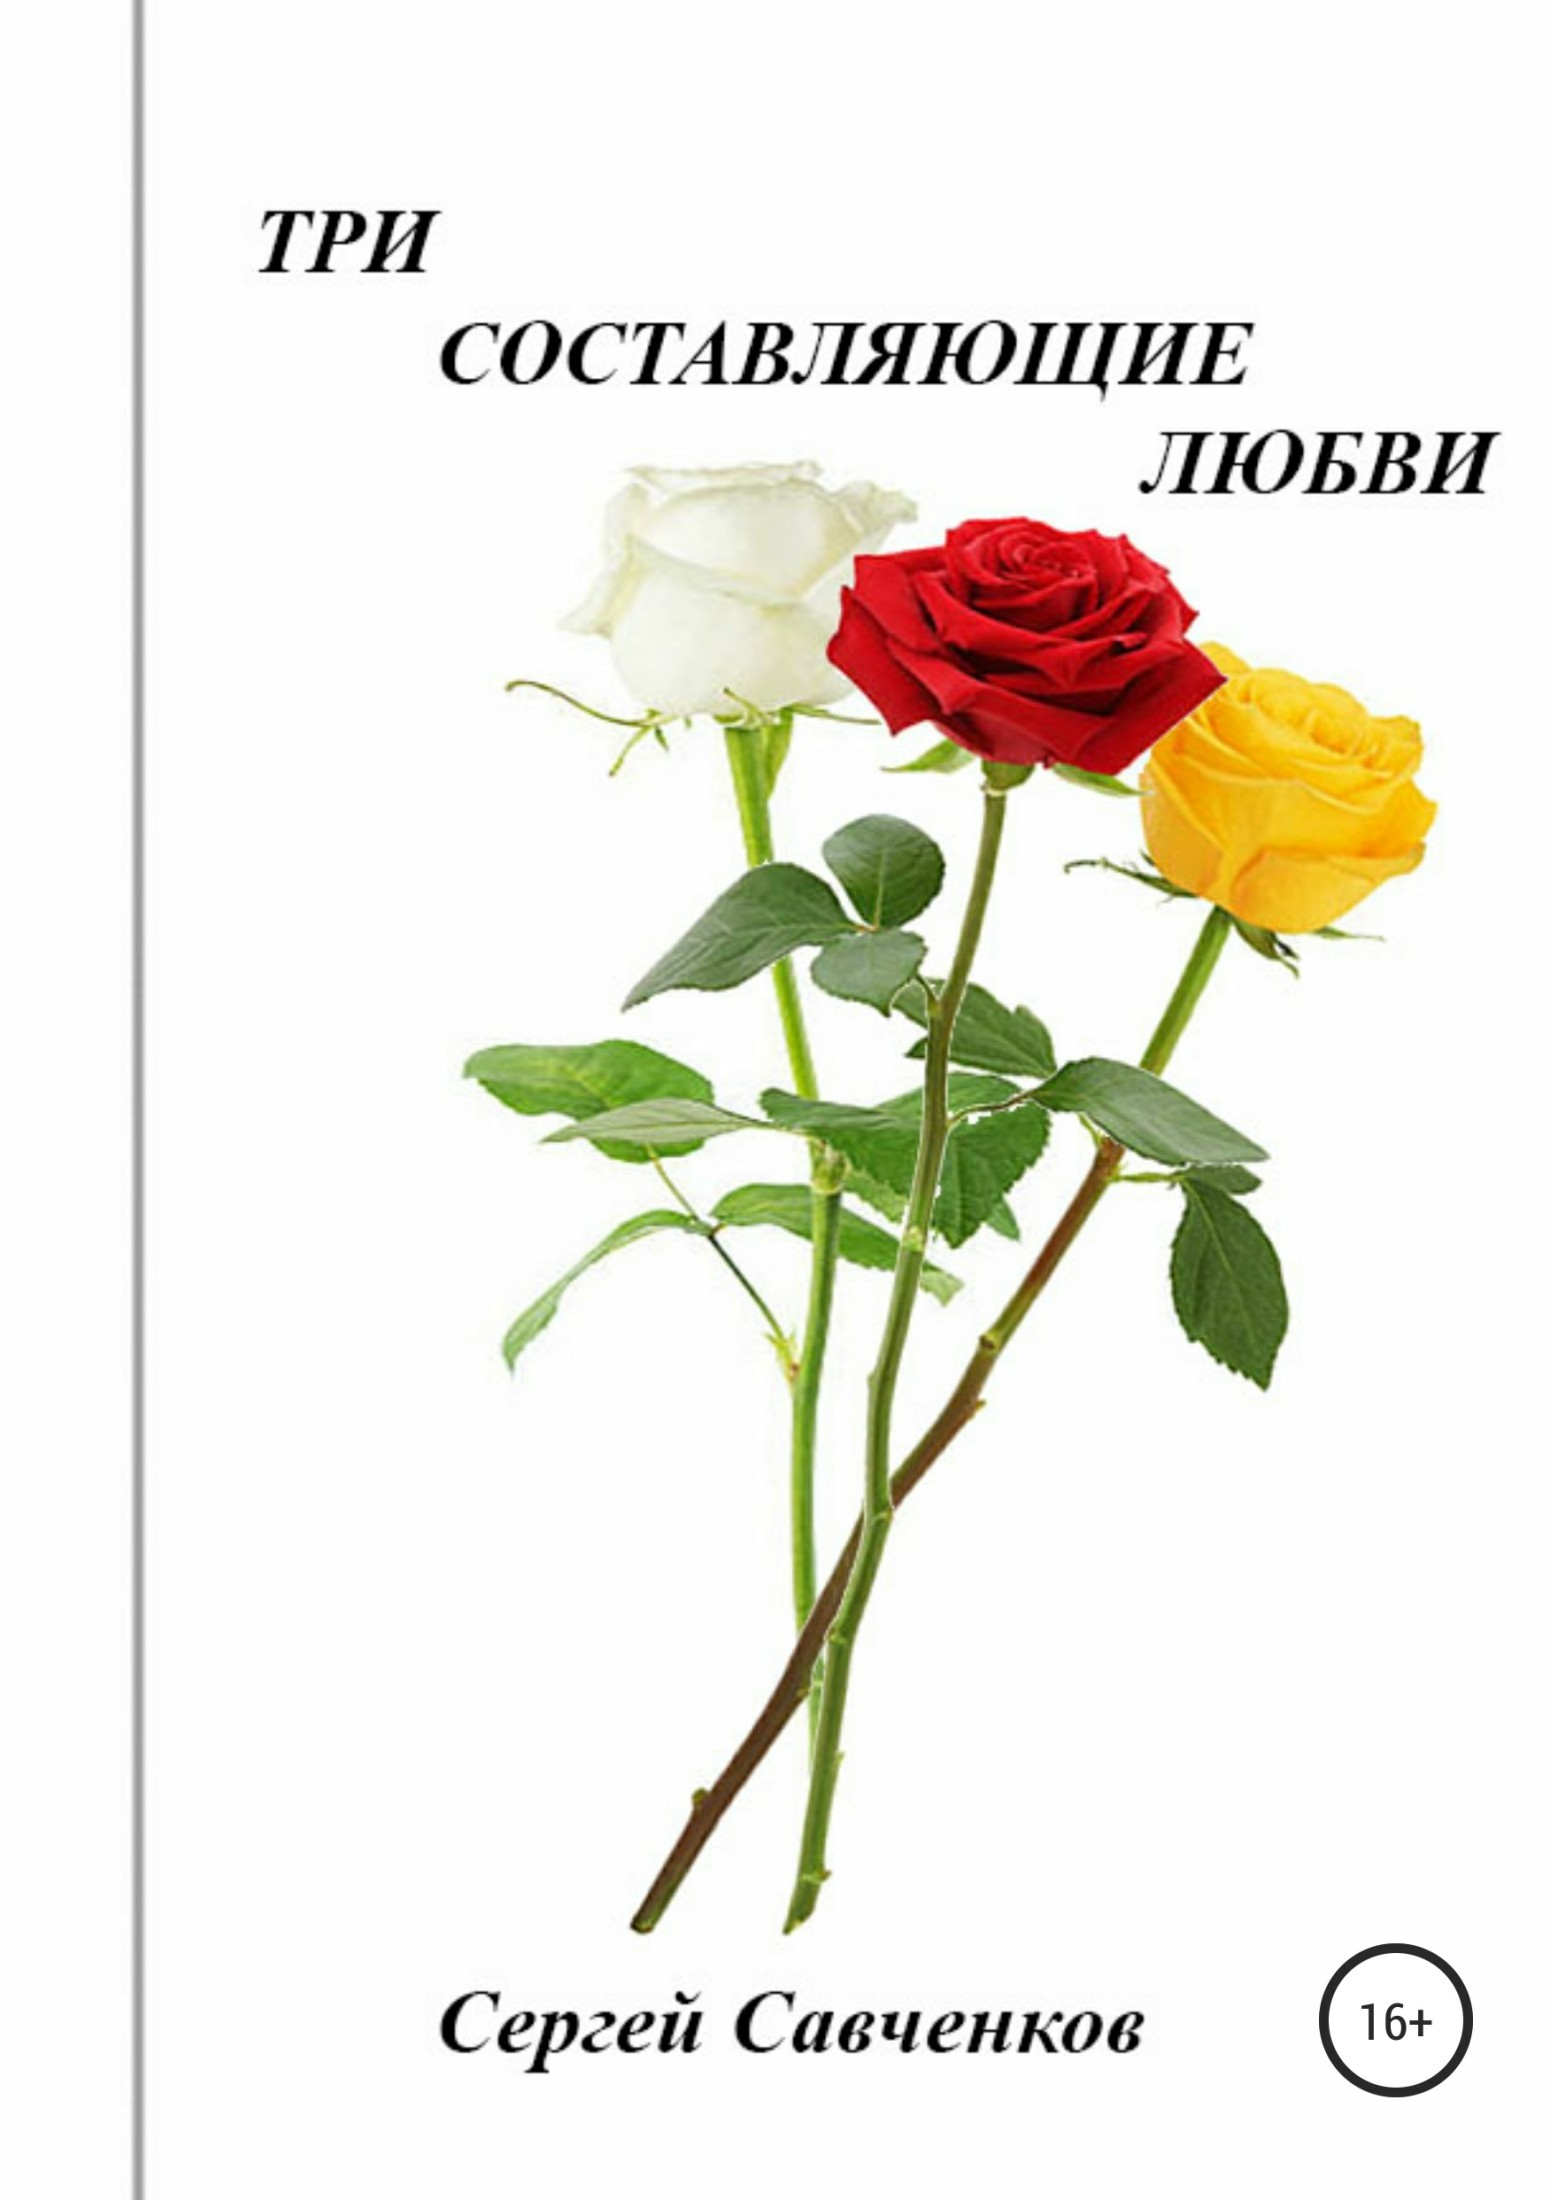 Сергей Михайлович Савченков бесплатно